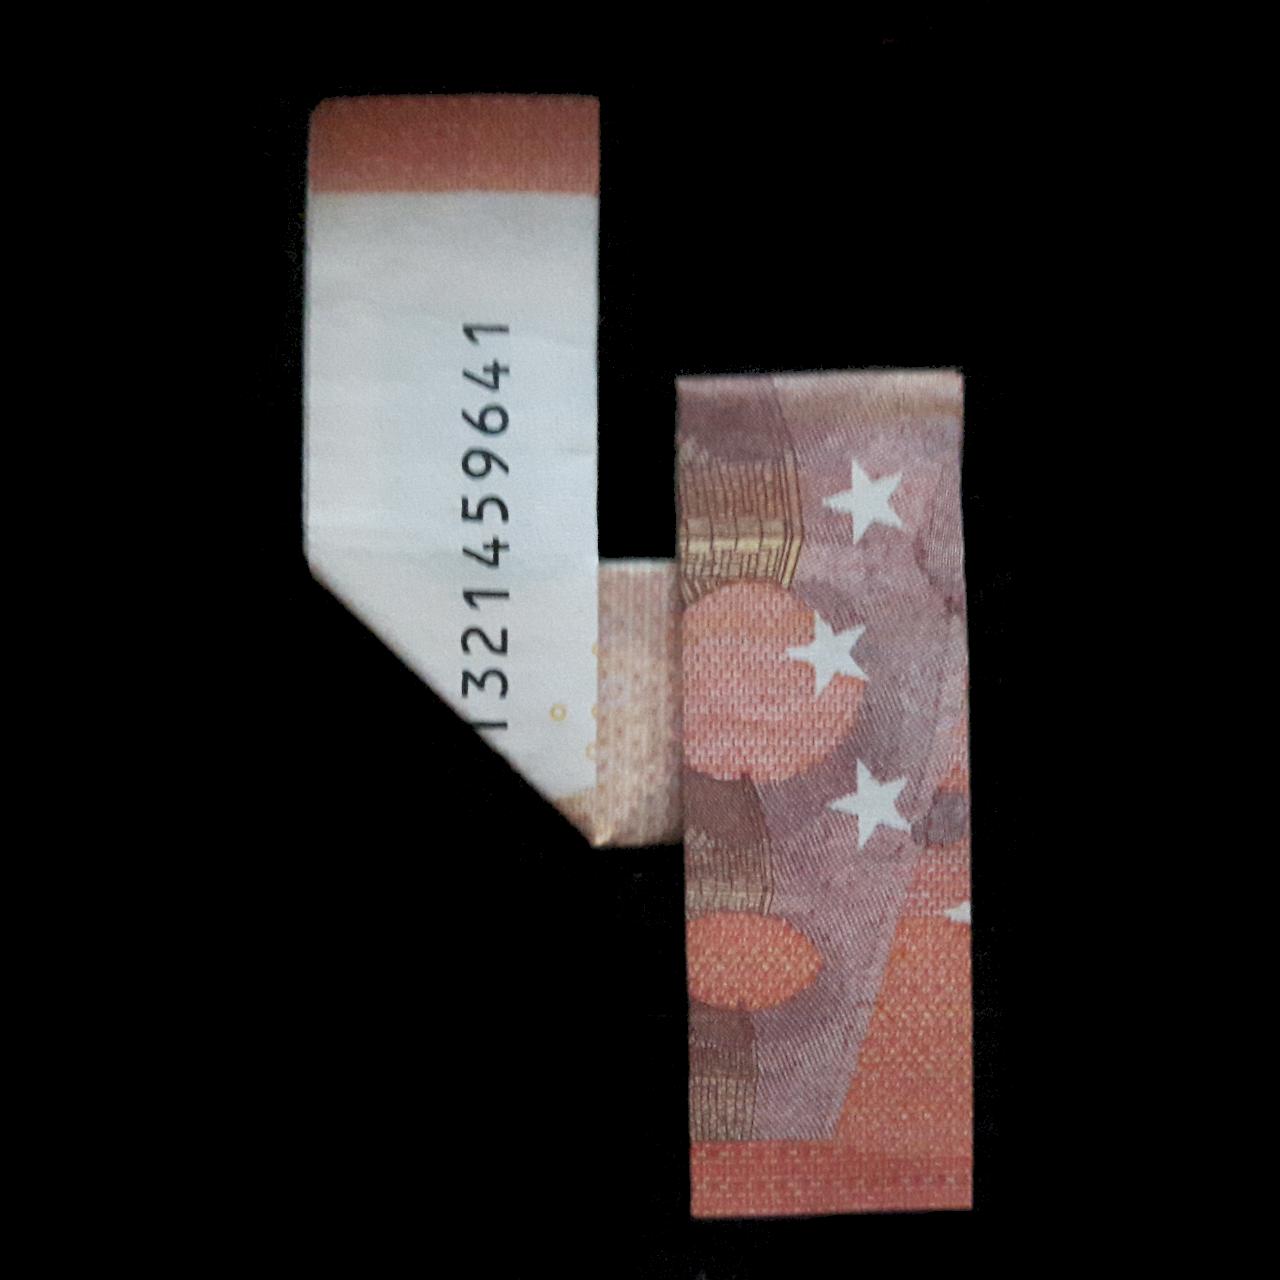 Bild: Zahl 4 aus einem Geldschein gefaltet